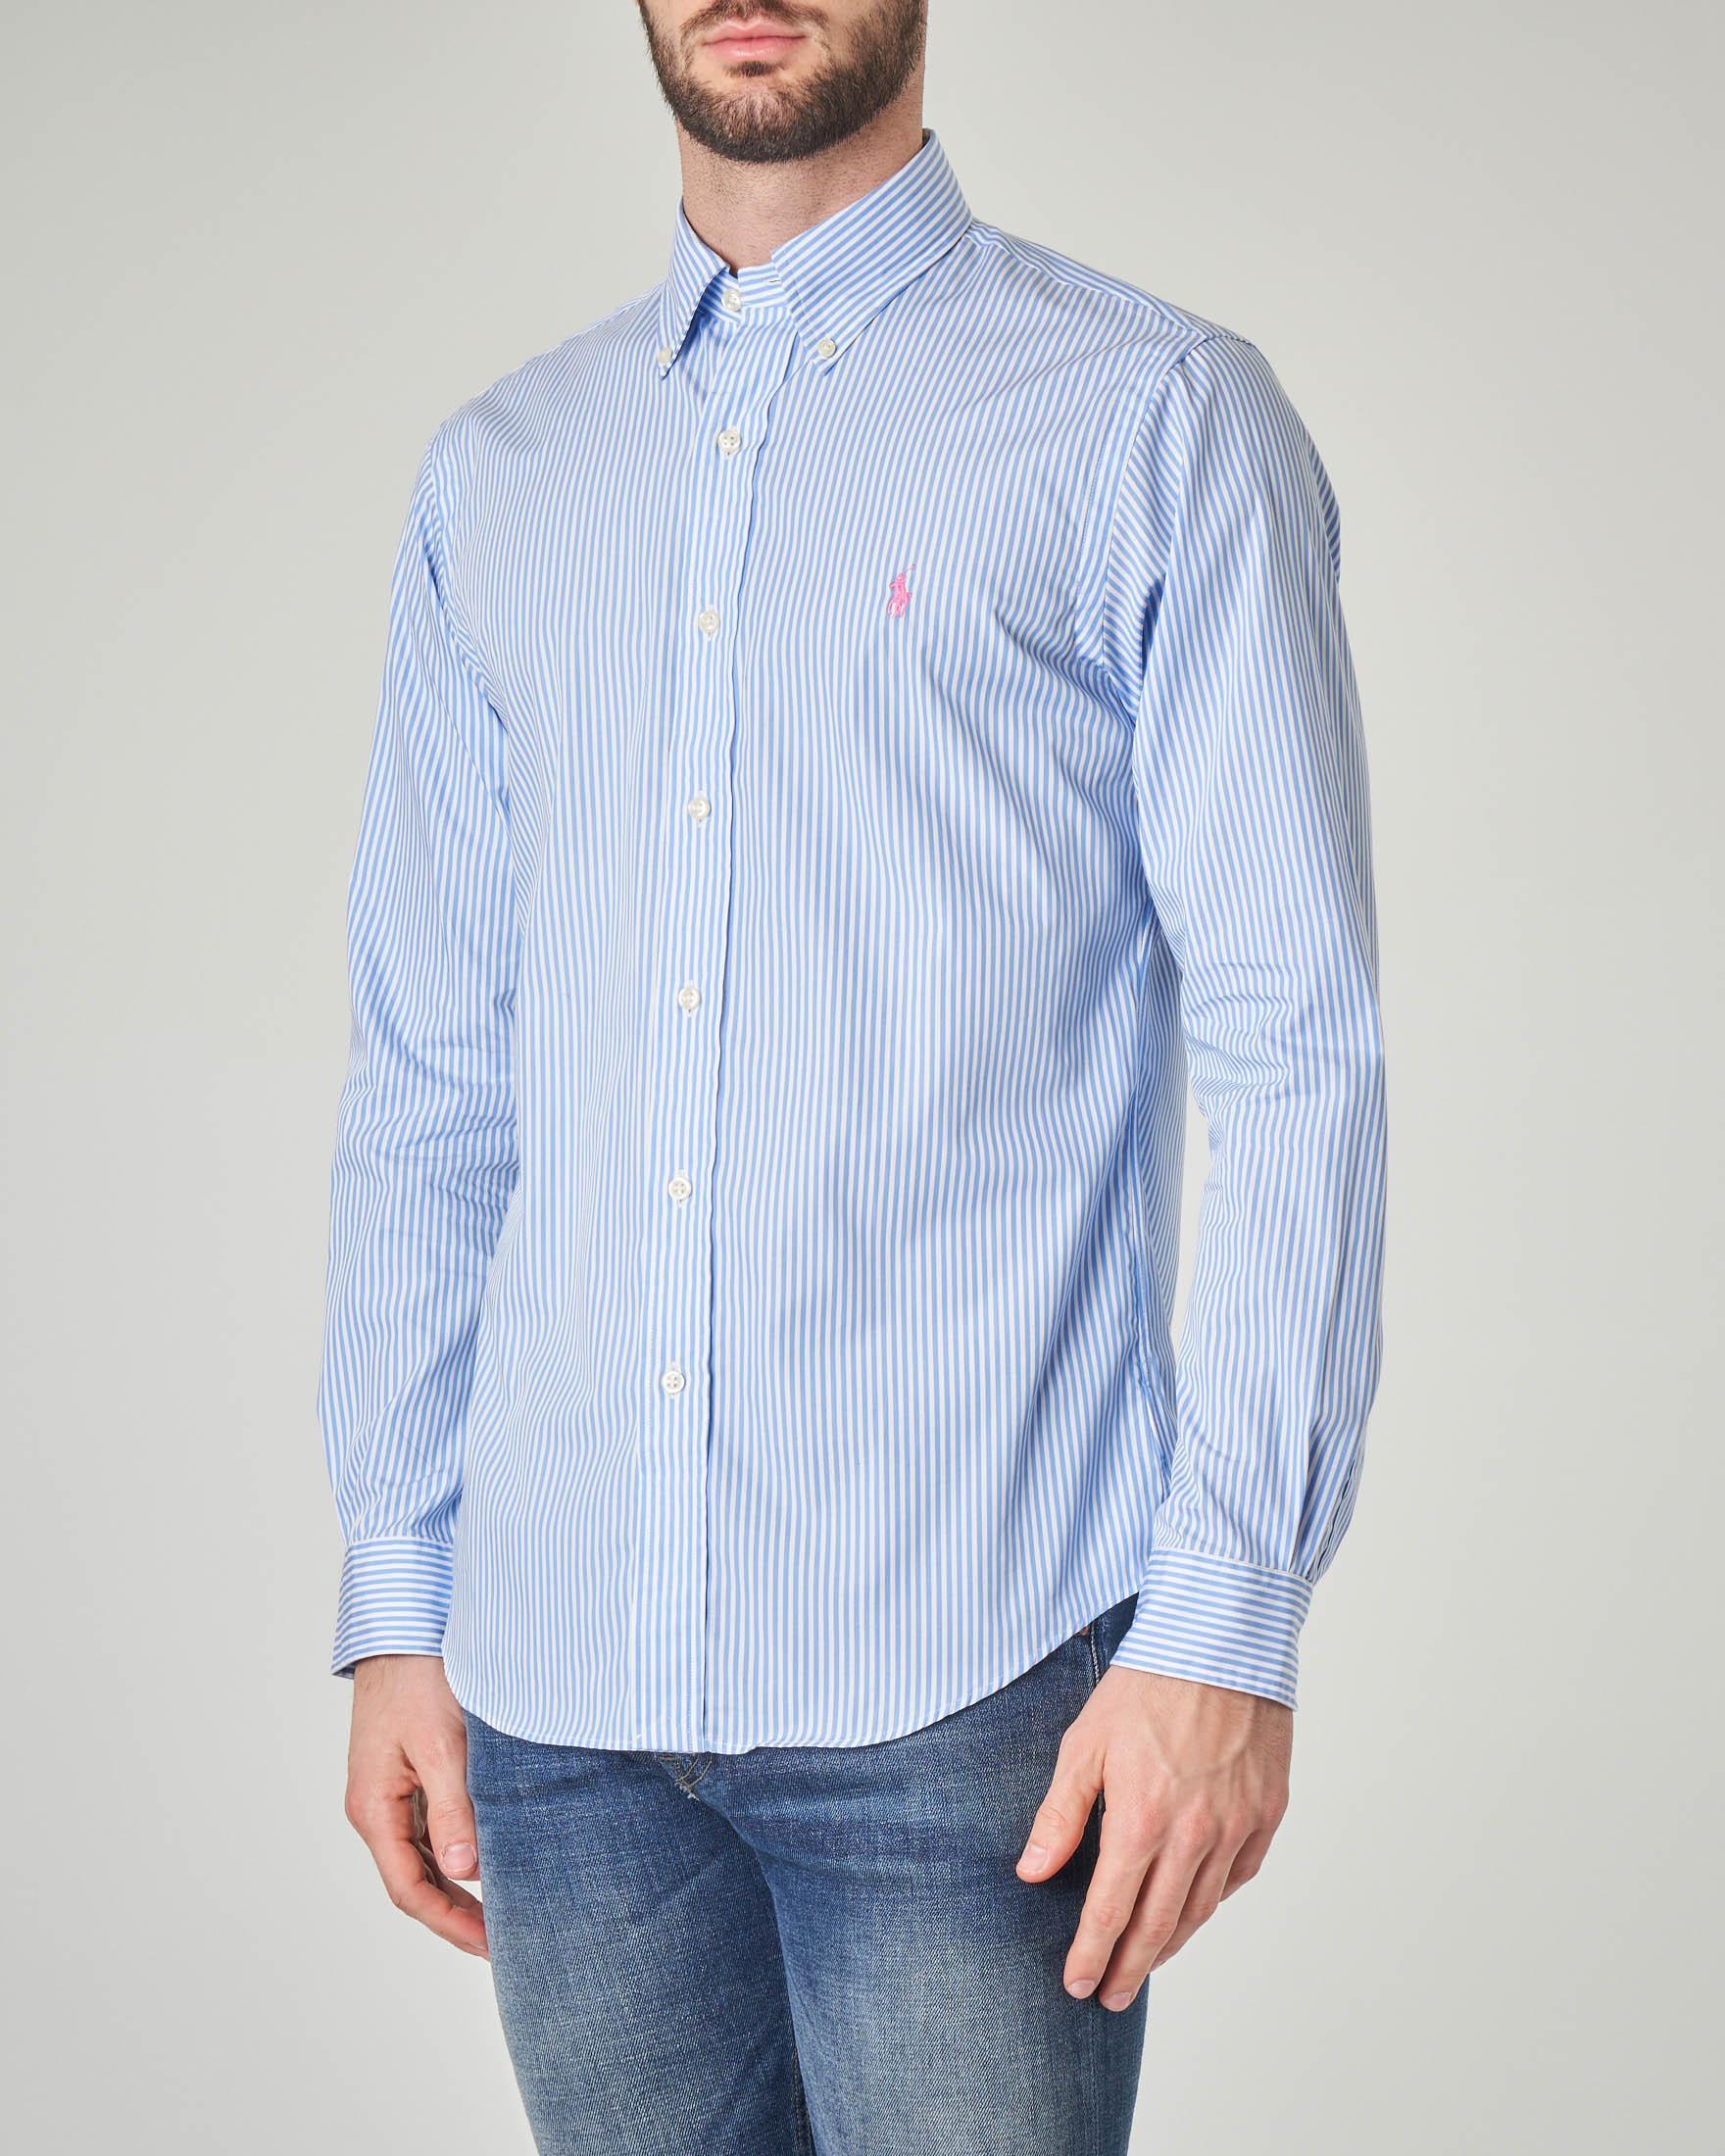 Camicia a bastoncino bianco e azzurro button down